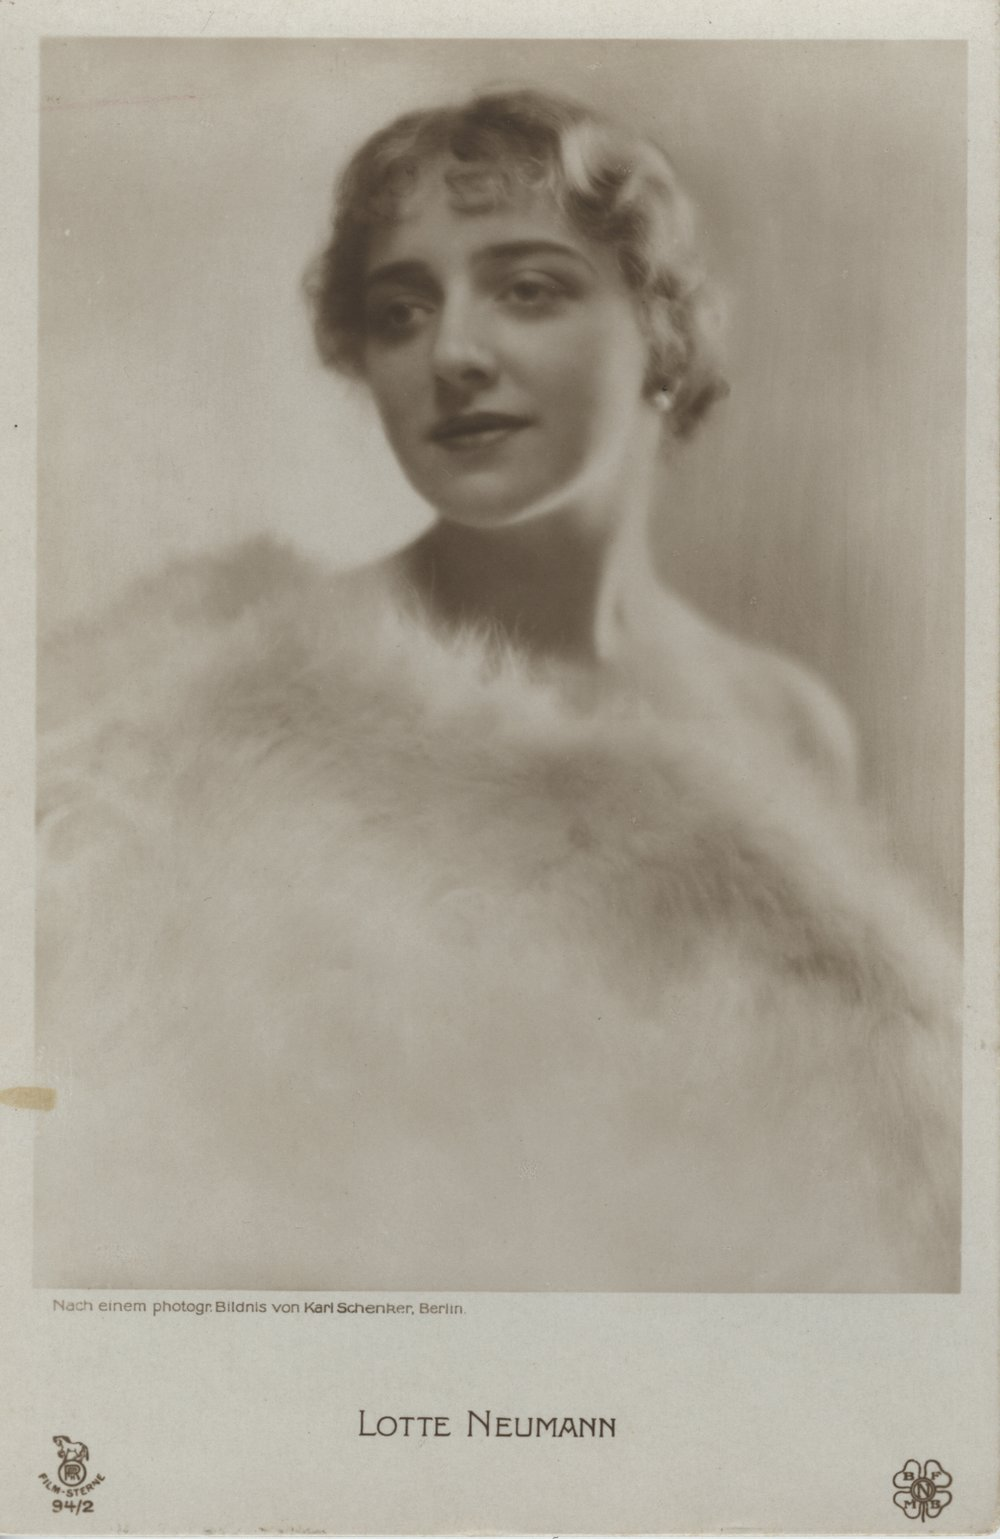 Karl Schenker, Lotte Neumann, around 1920 (celebrity postcard), Museum Ludwig